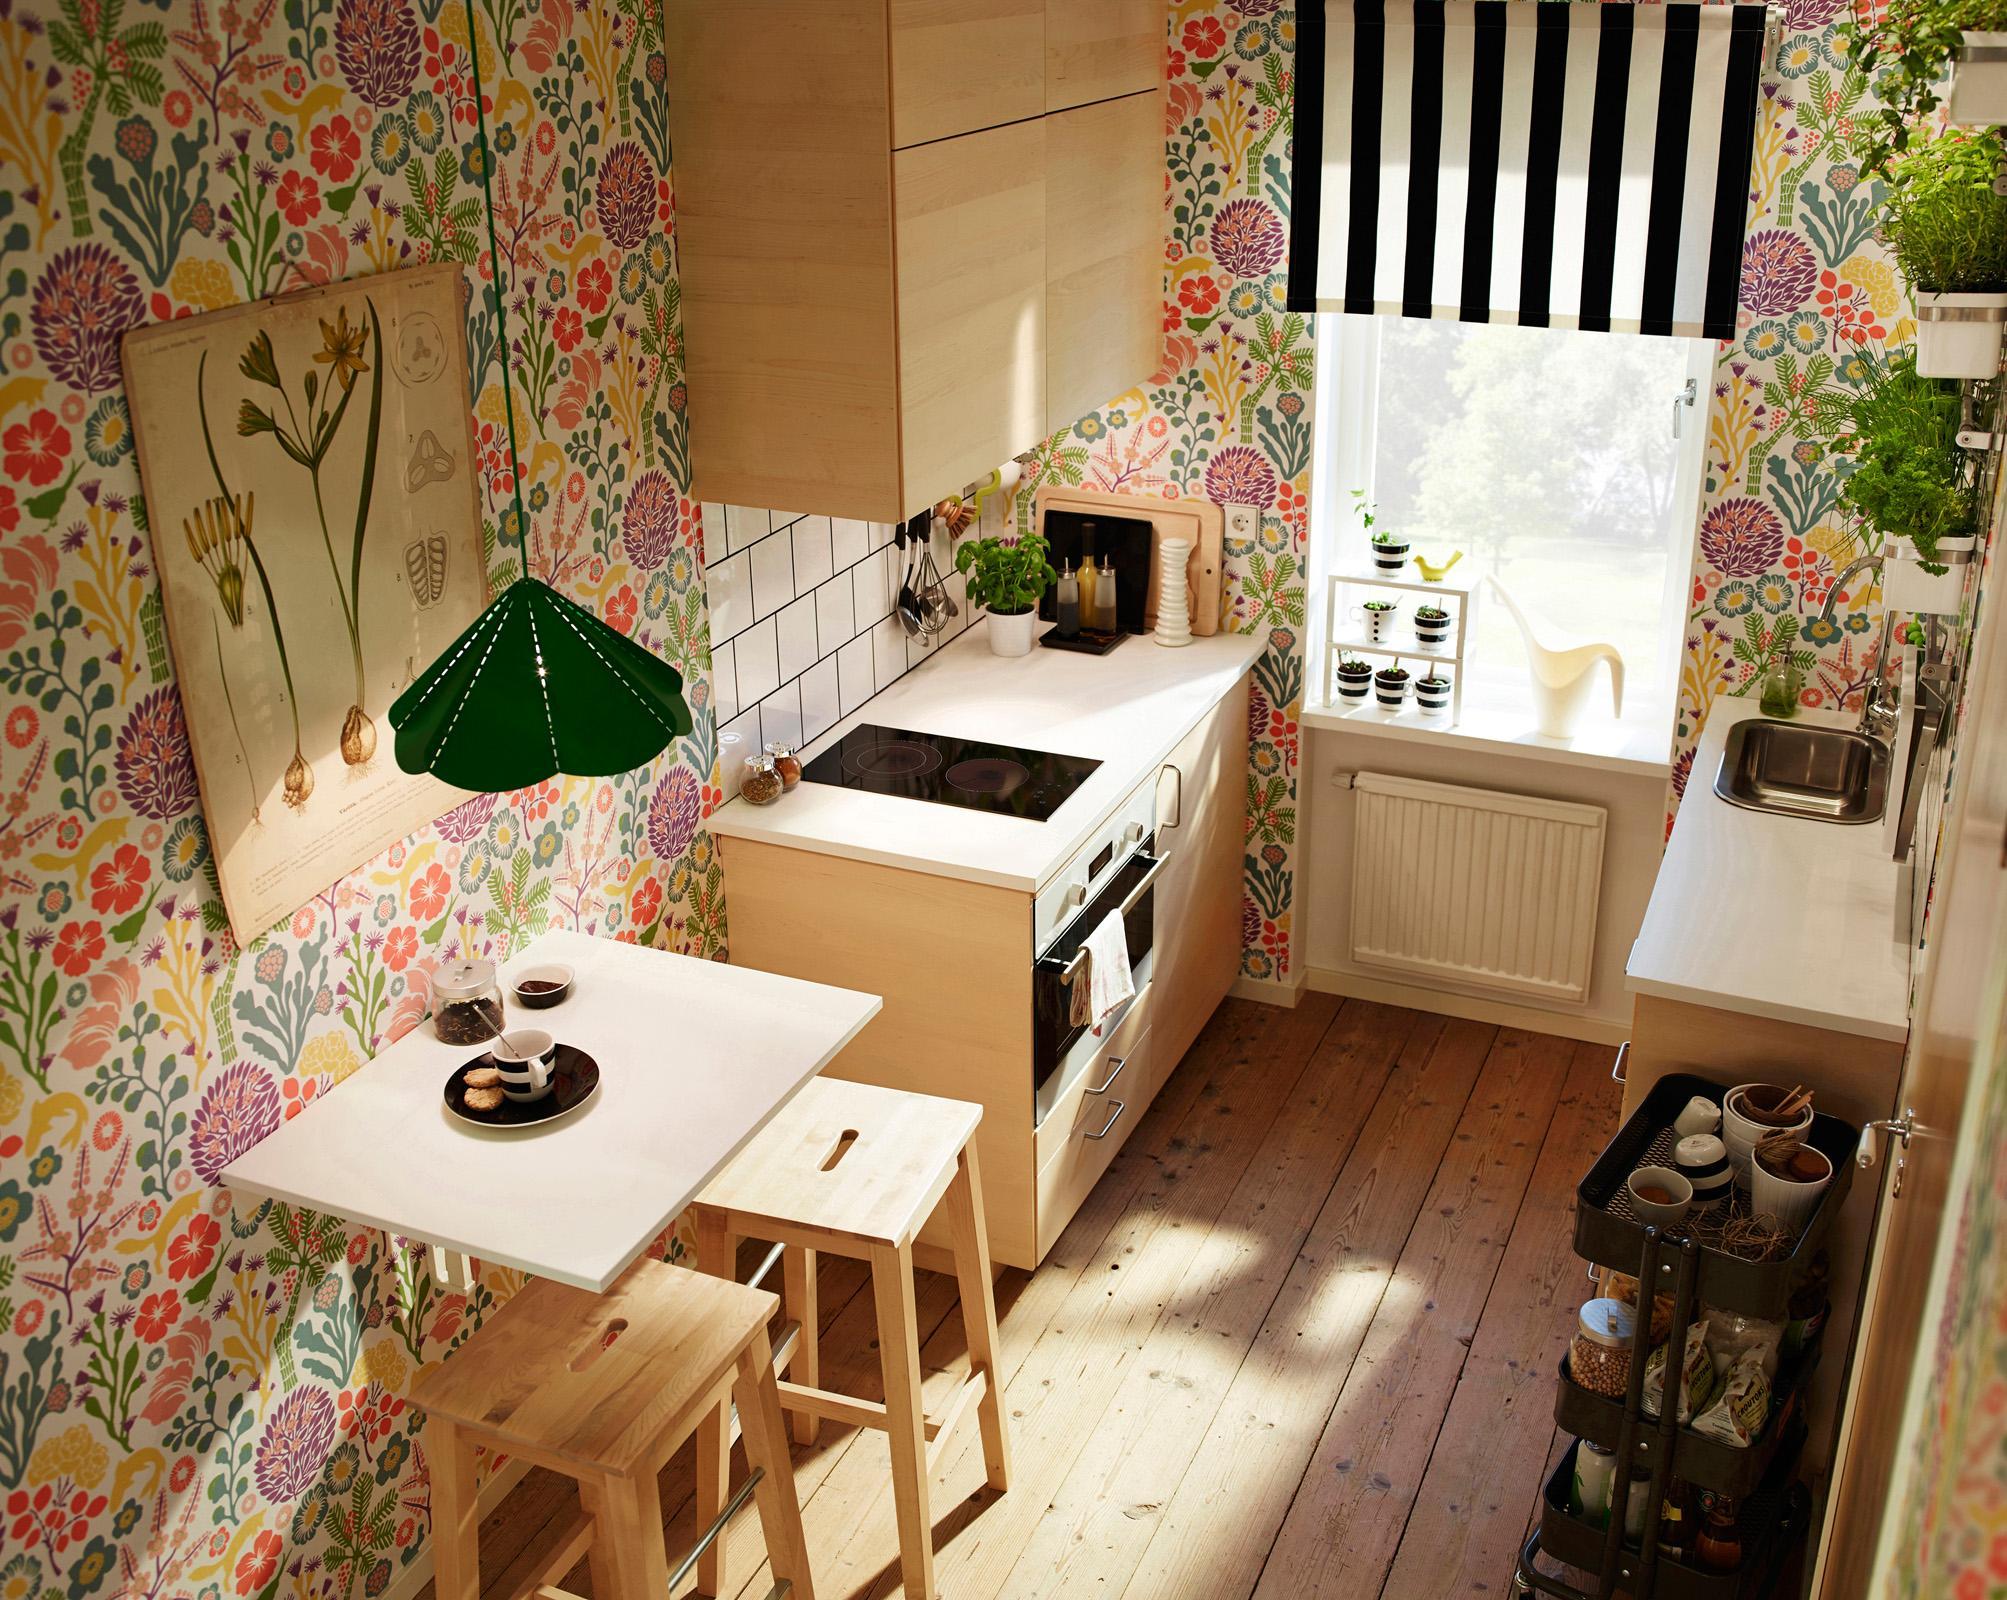 Full Size of Miniküche Ideen Wohnzimmer Tapeten Stengel Bad Renovieren Mit Kühlschrank Ikea Wohnzimmer Miniküche Ideen